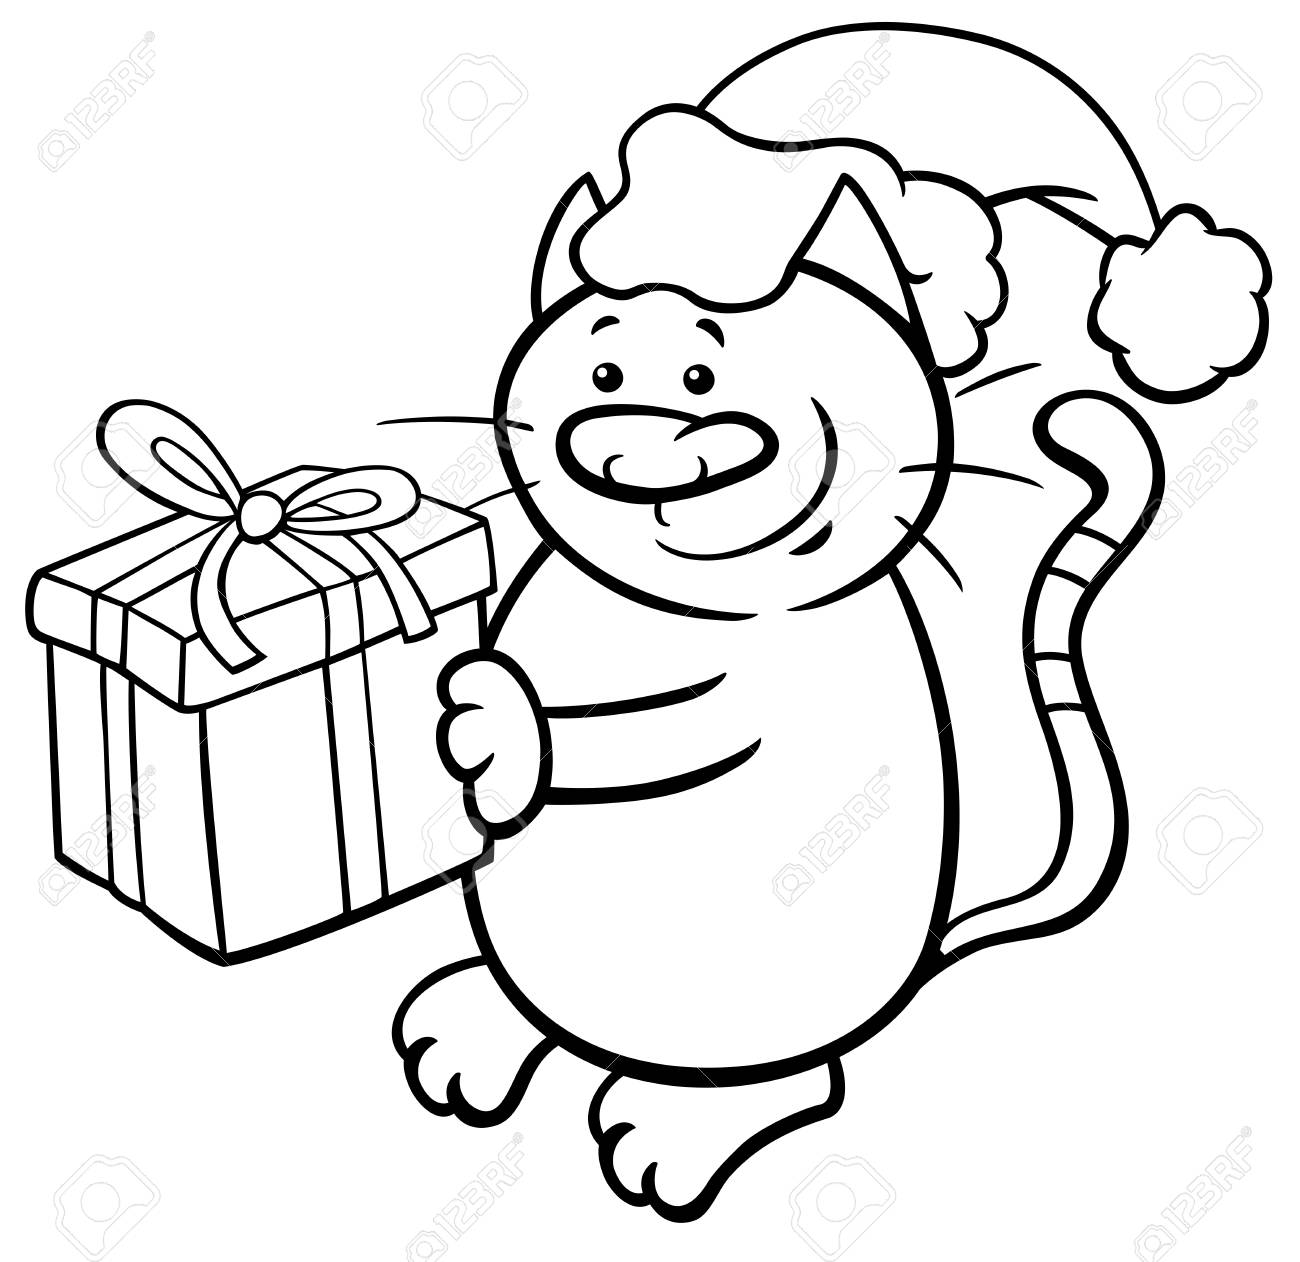 Coloriage Chat Cadeau.Illustration De Dessin Anime Noir Et Blanc De Caractere Animal Chat Ou Chaton Avec Livre De Coloriage De Cadeau De Noel